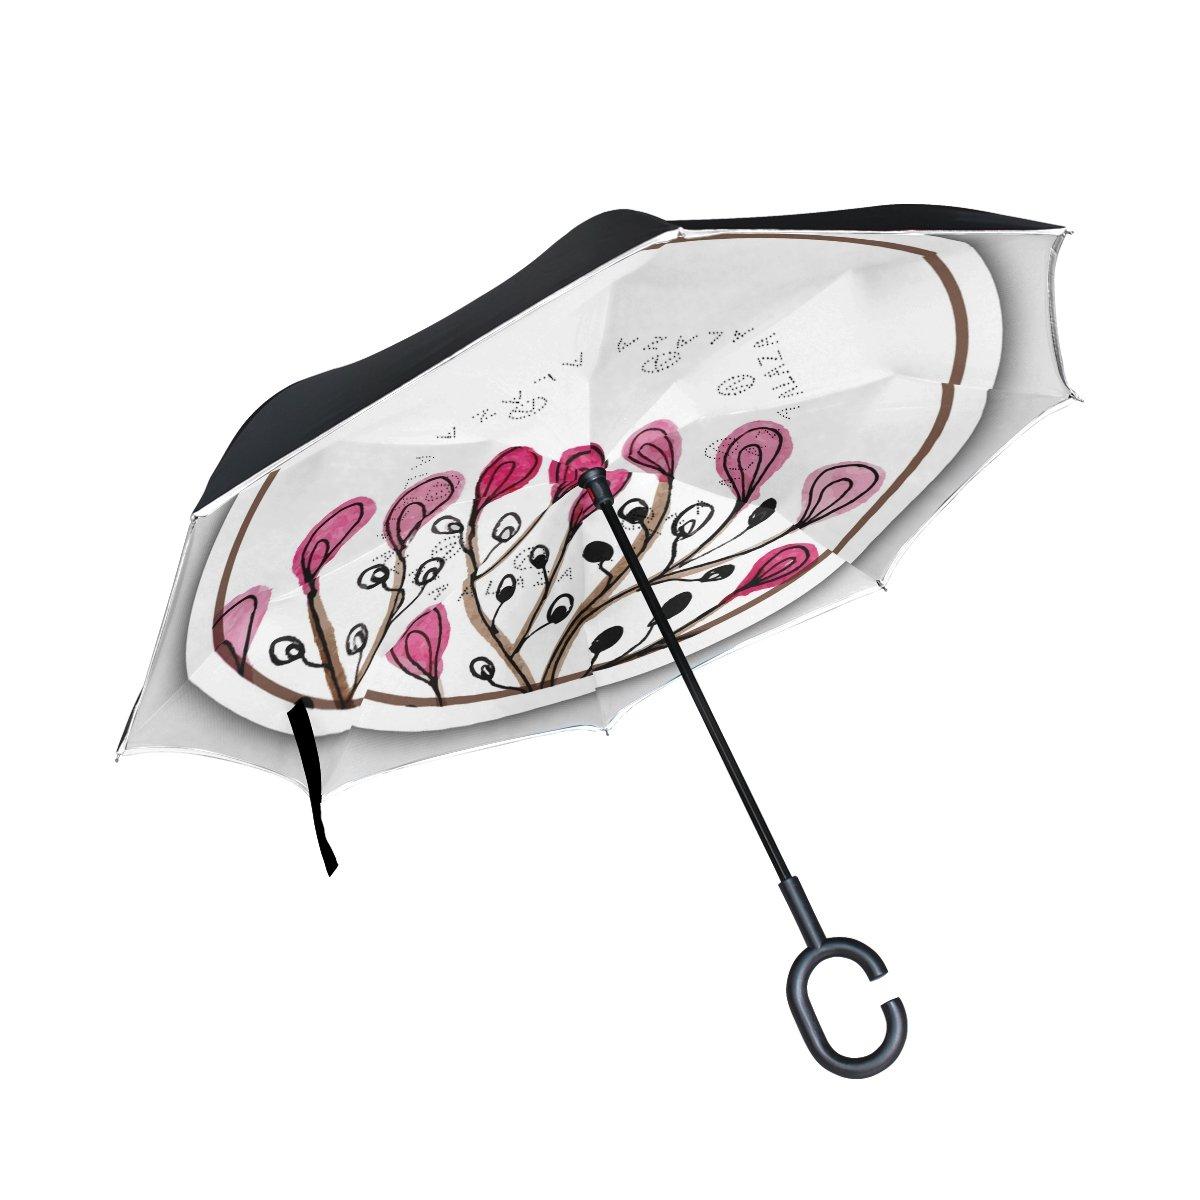 Double Layer Inverted傘雨太陽またはトラベル傘防風UV保護Big Straight傘軽量ポータブルアウトドアゴルフ傘C型ハンドル内部Plant in円3 B07B3R9QQ3